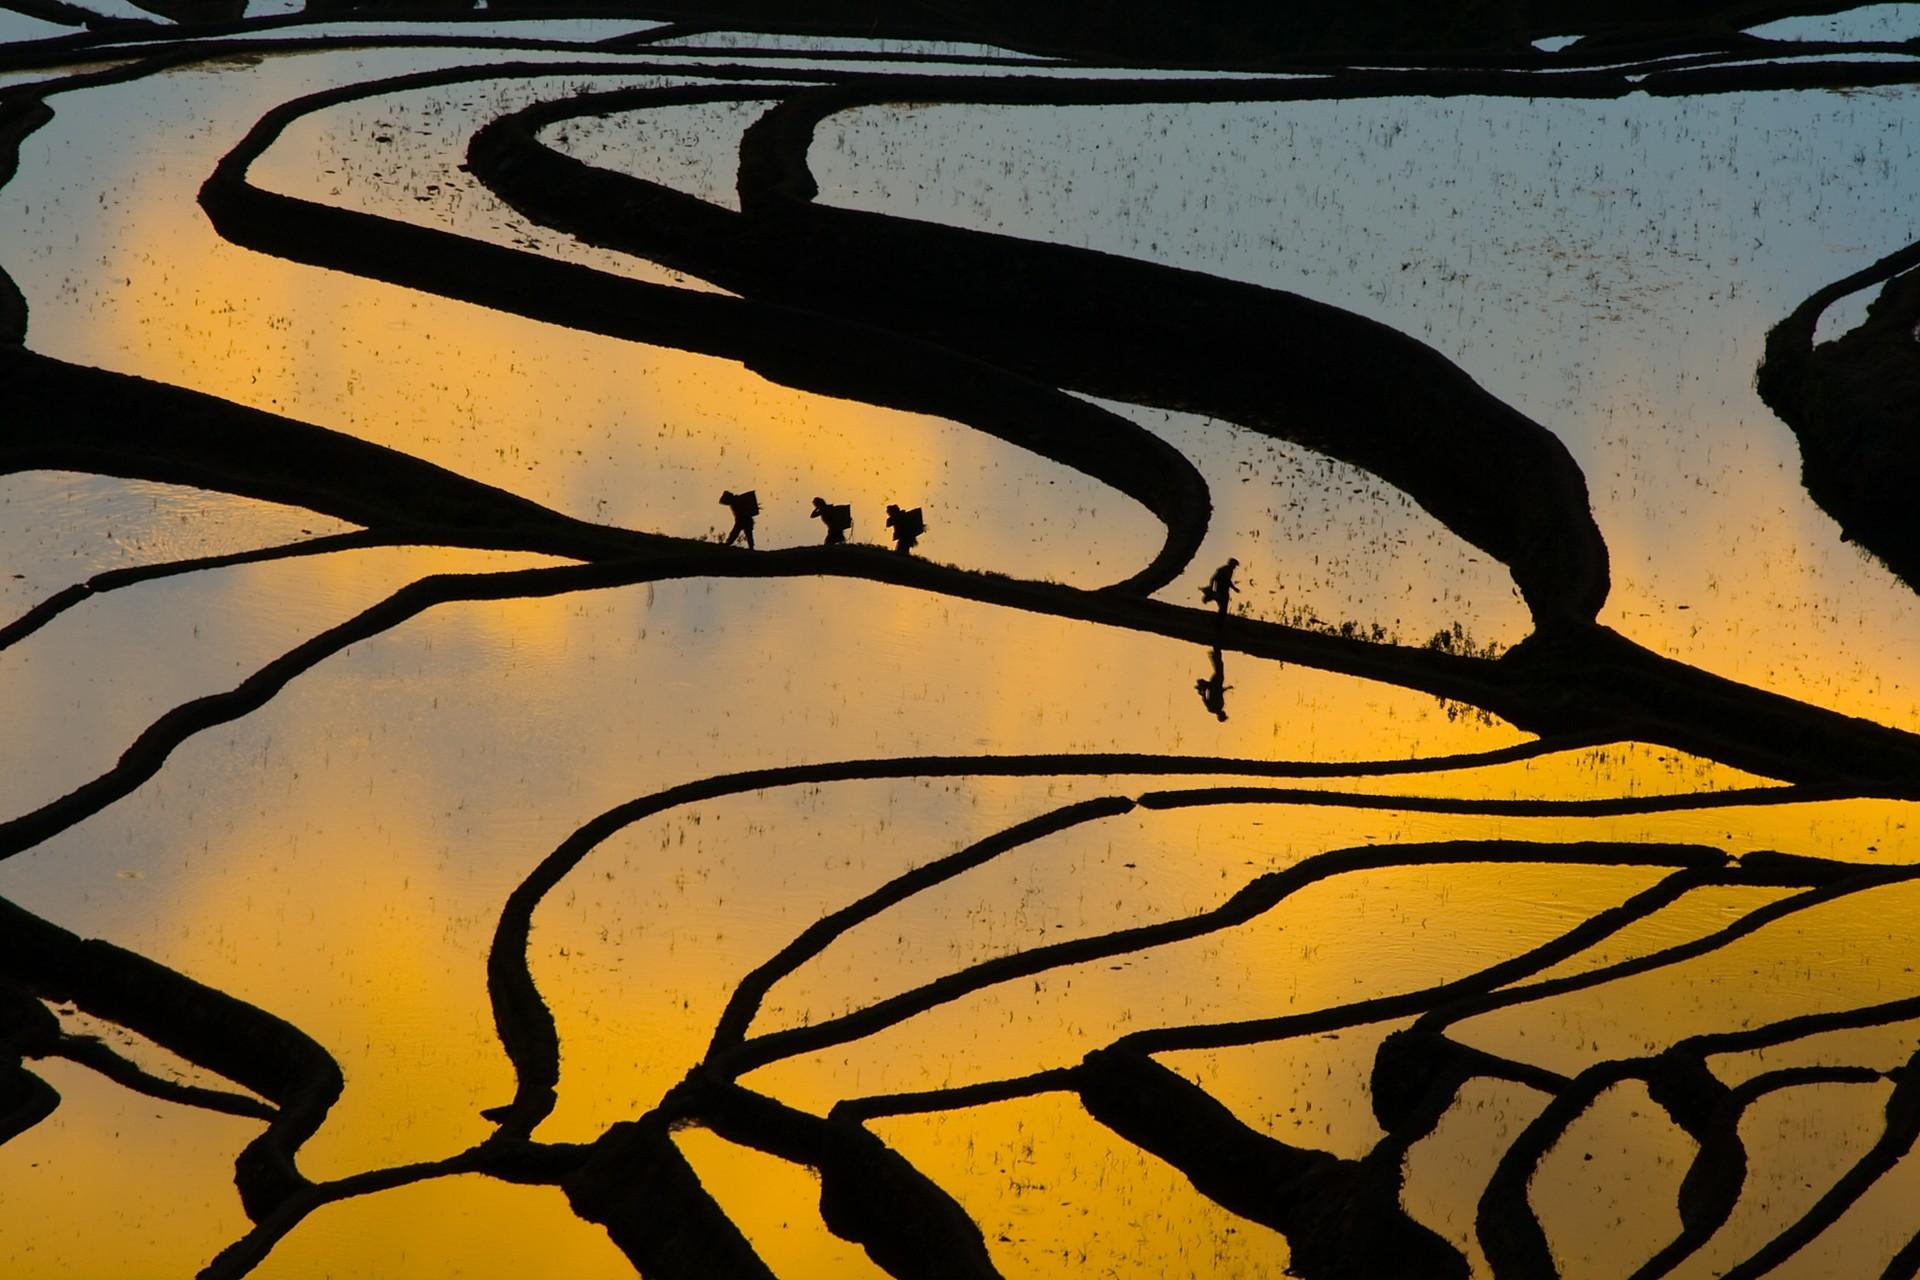 Rice paddies in Yunnan, China